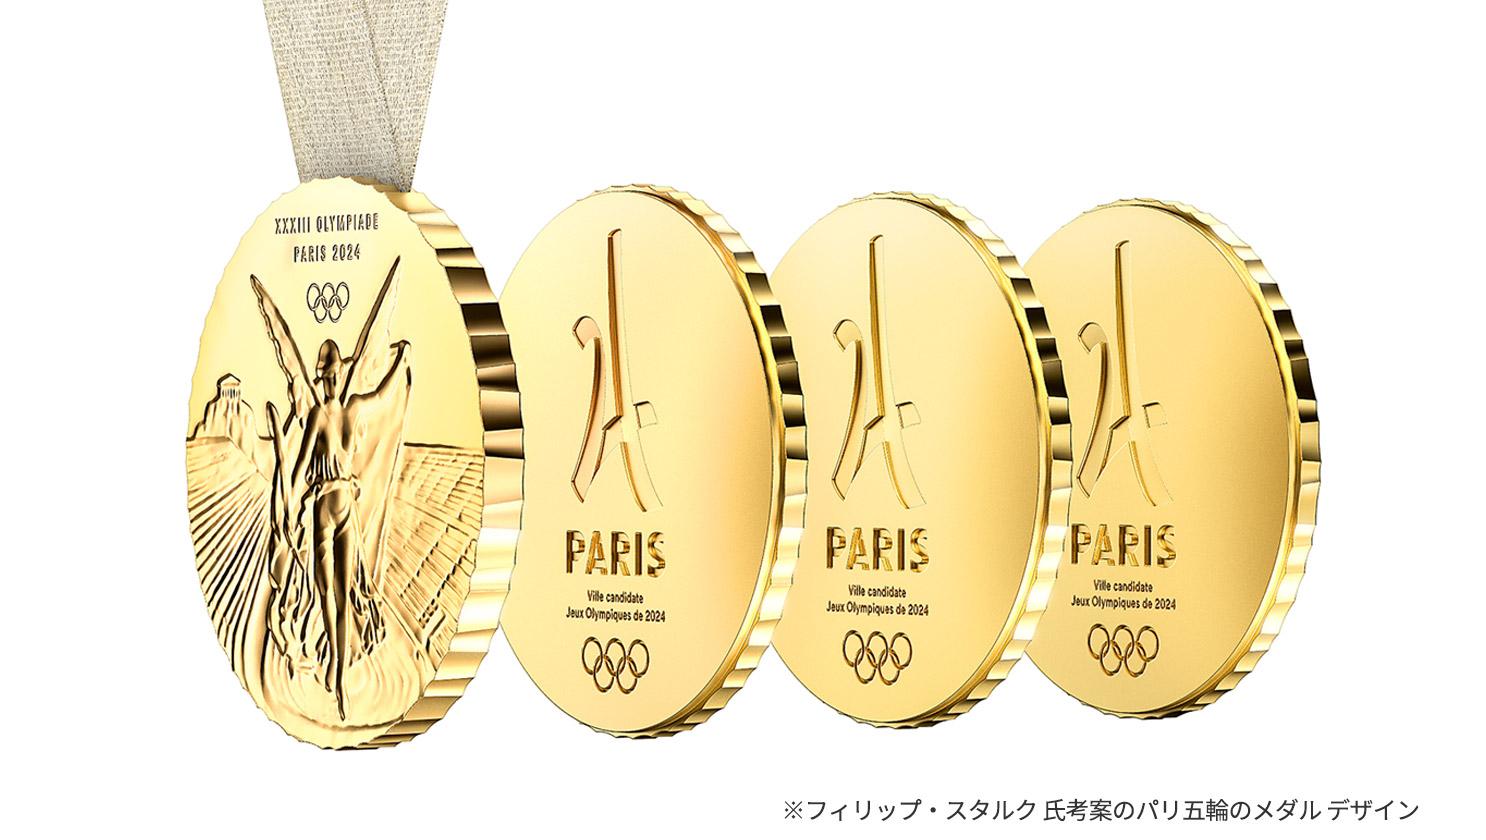 スポーツの根源的価値を問う 「五輪メダル」のイノベーション